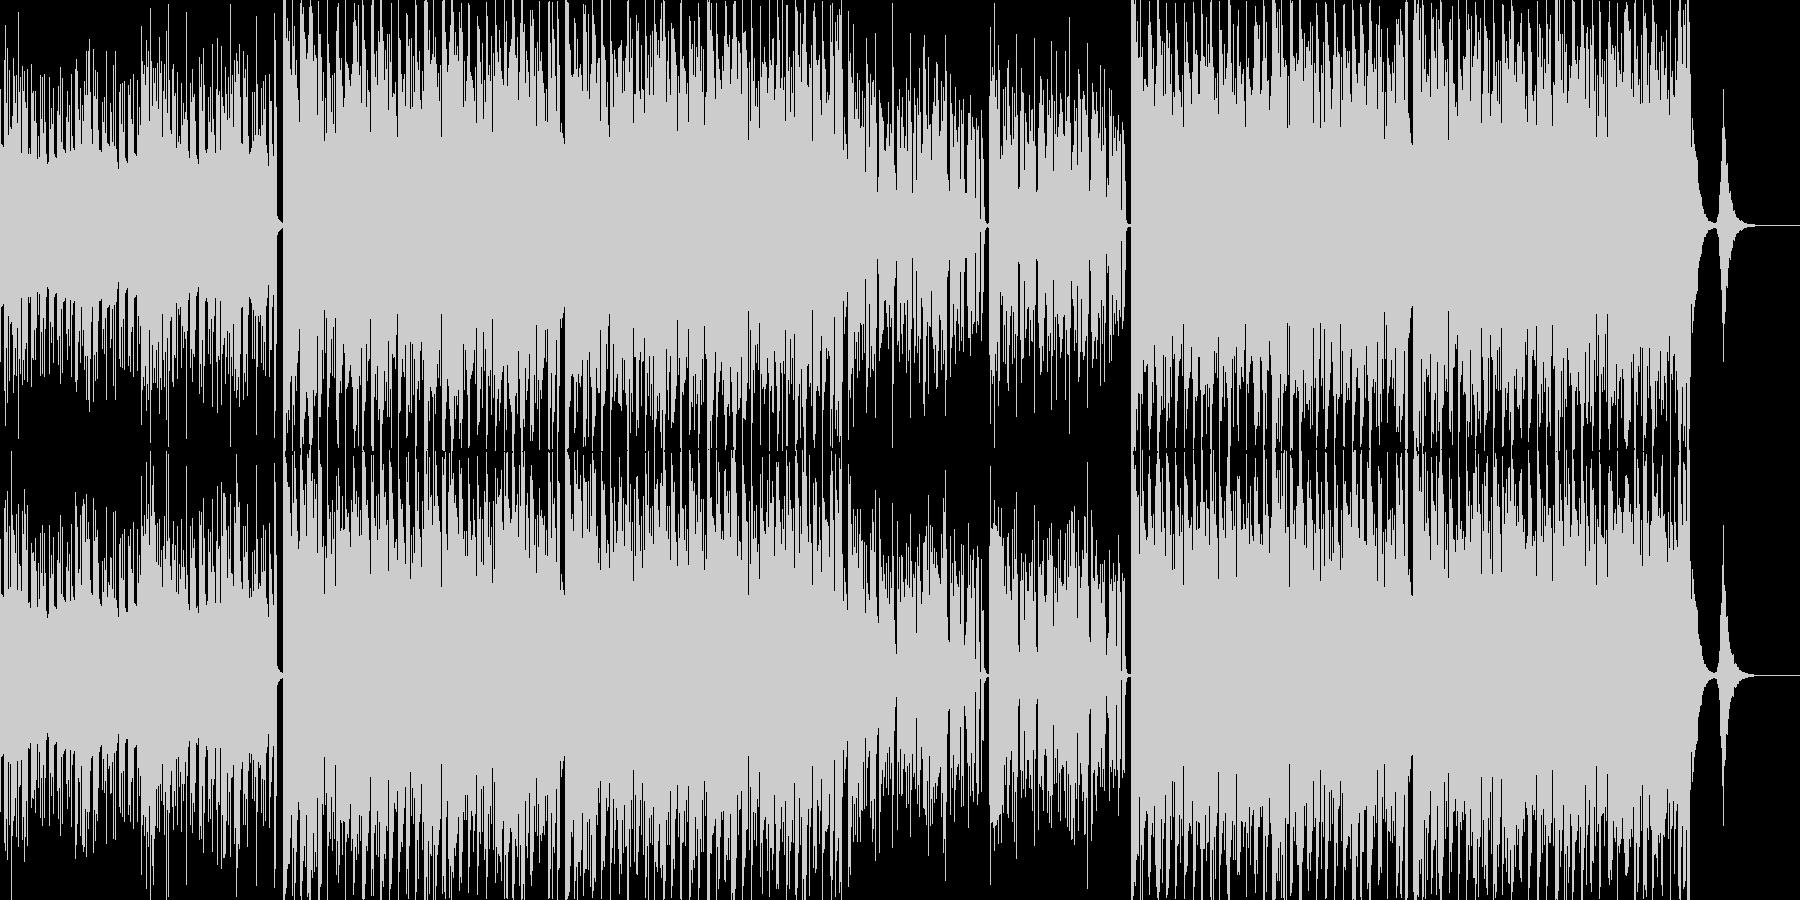 電子的な技術進歩を音で表現しました。し…の未再生の波形